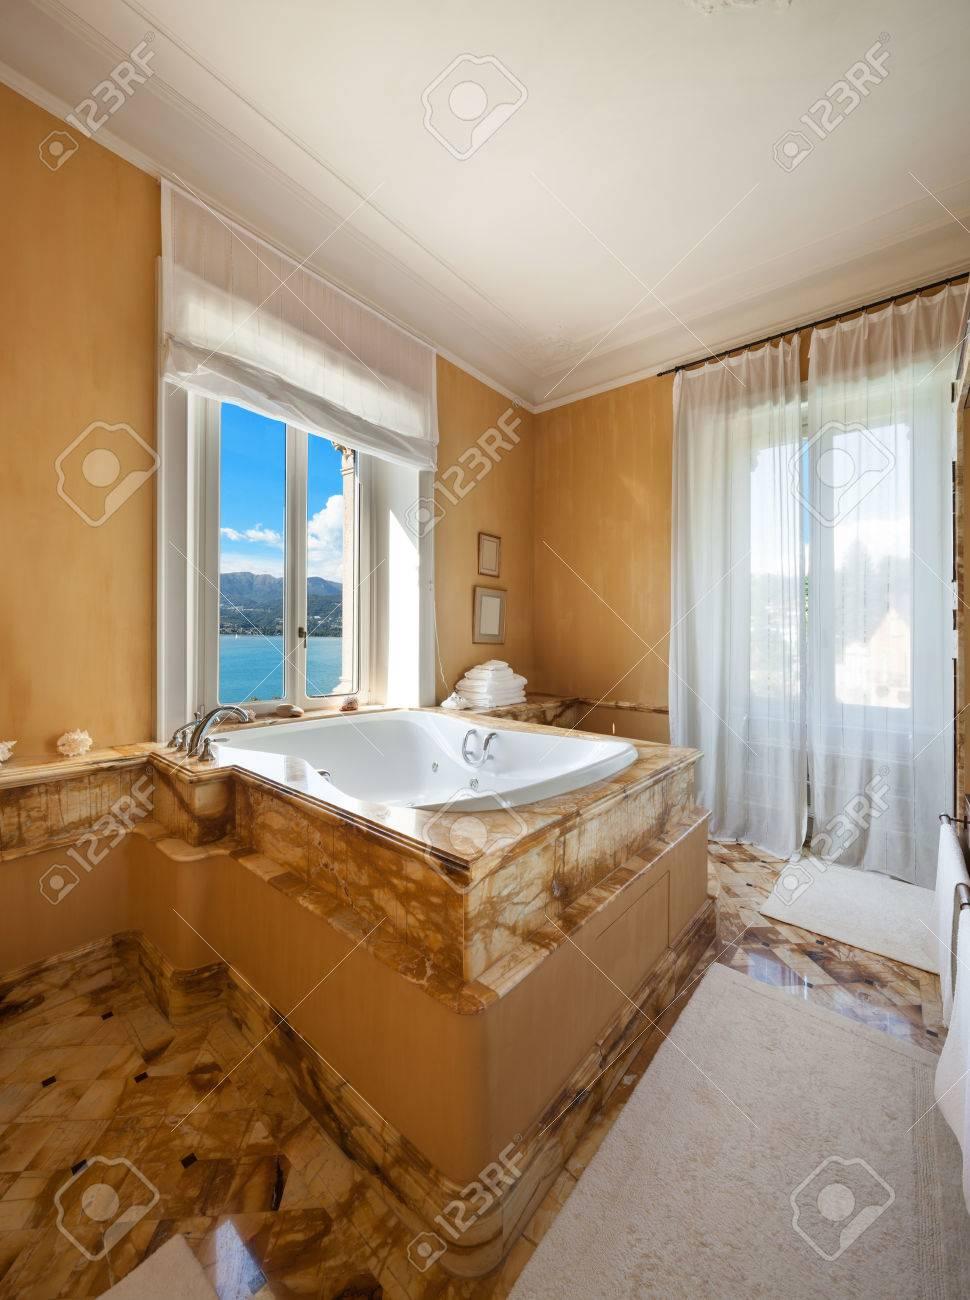 Int Rieur D Une Maison De Luxe Belle Salle De Bain Avec Jacuzzi